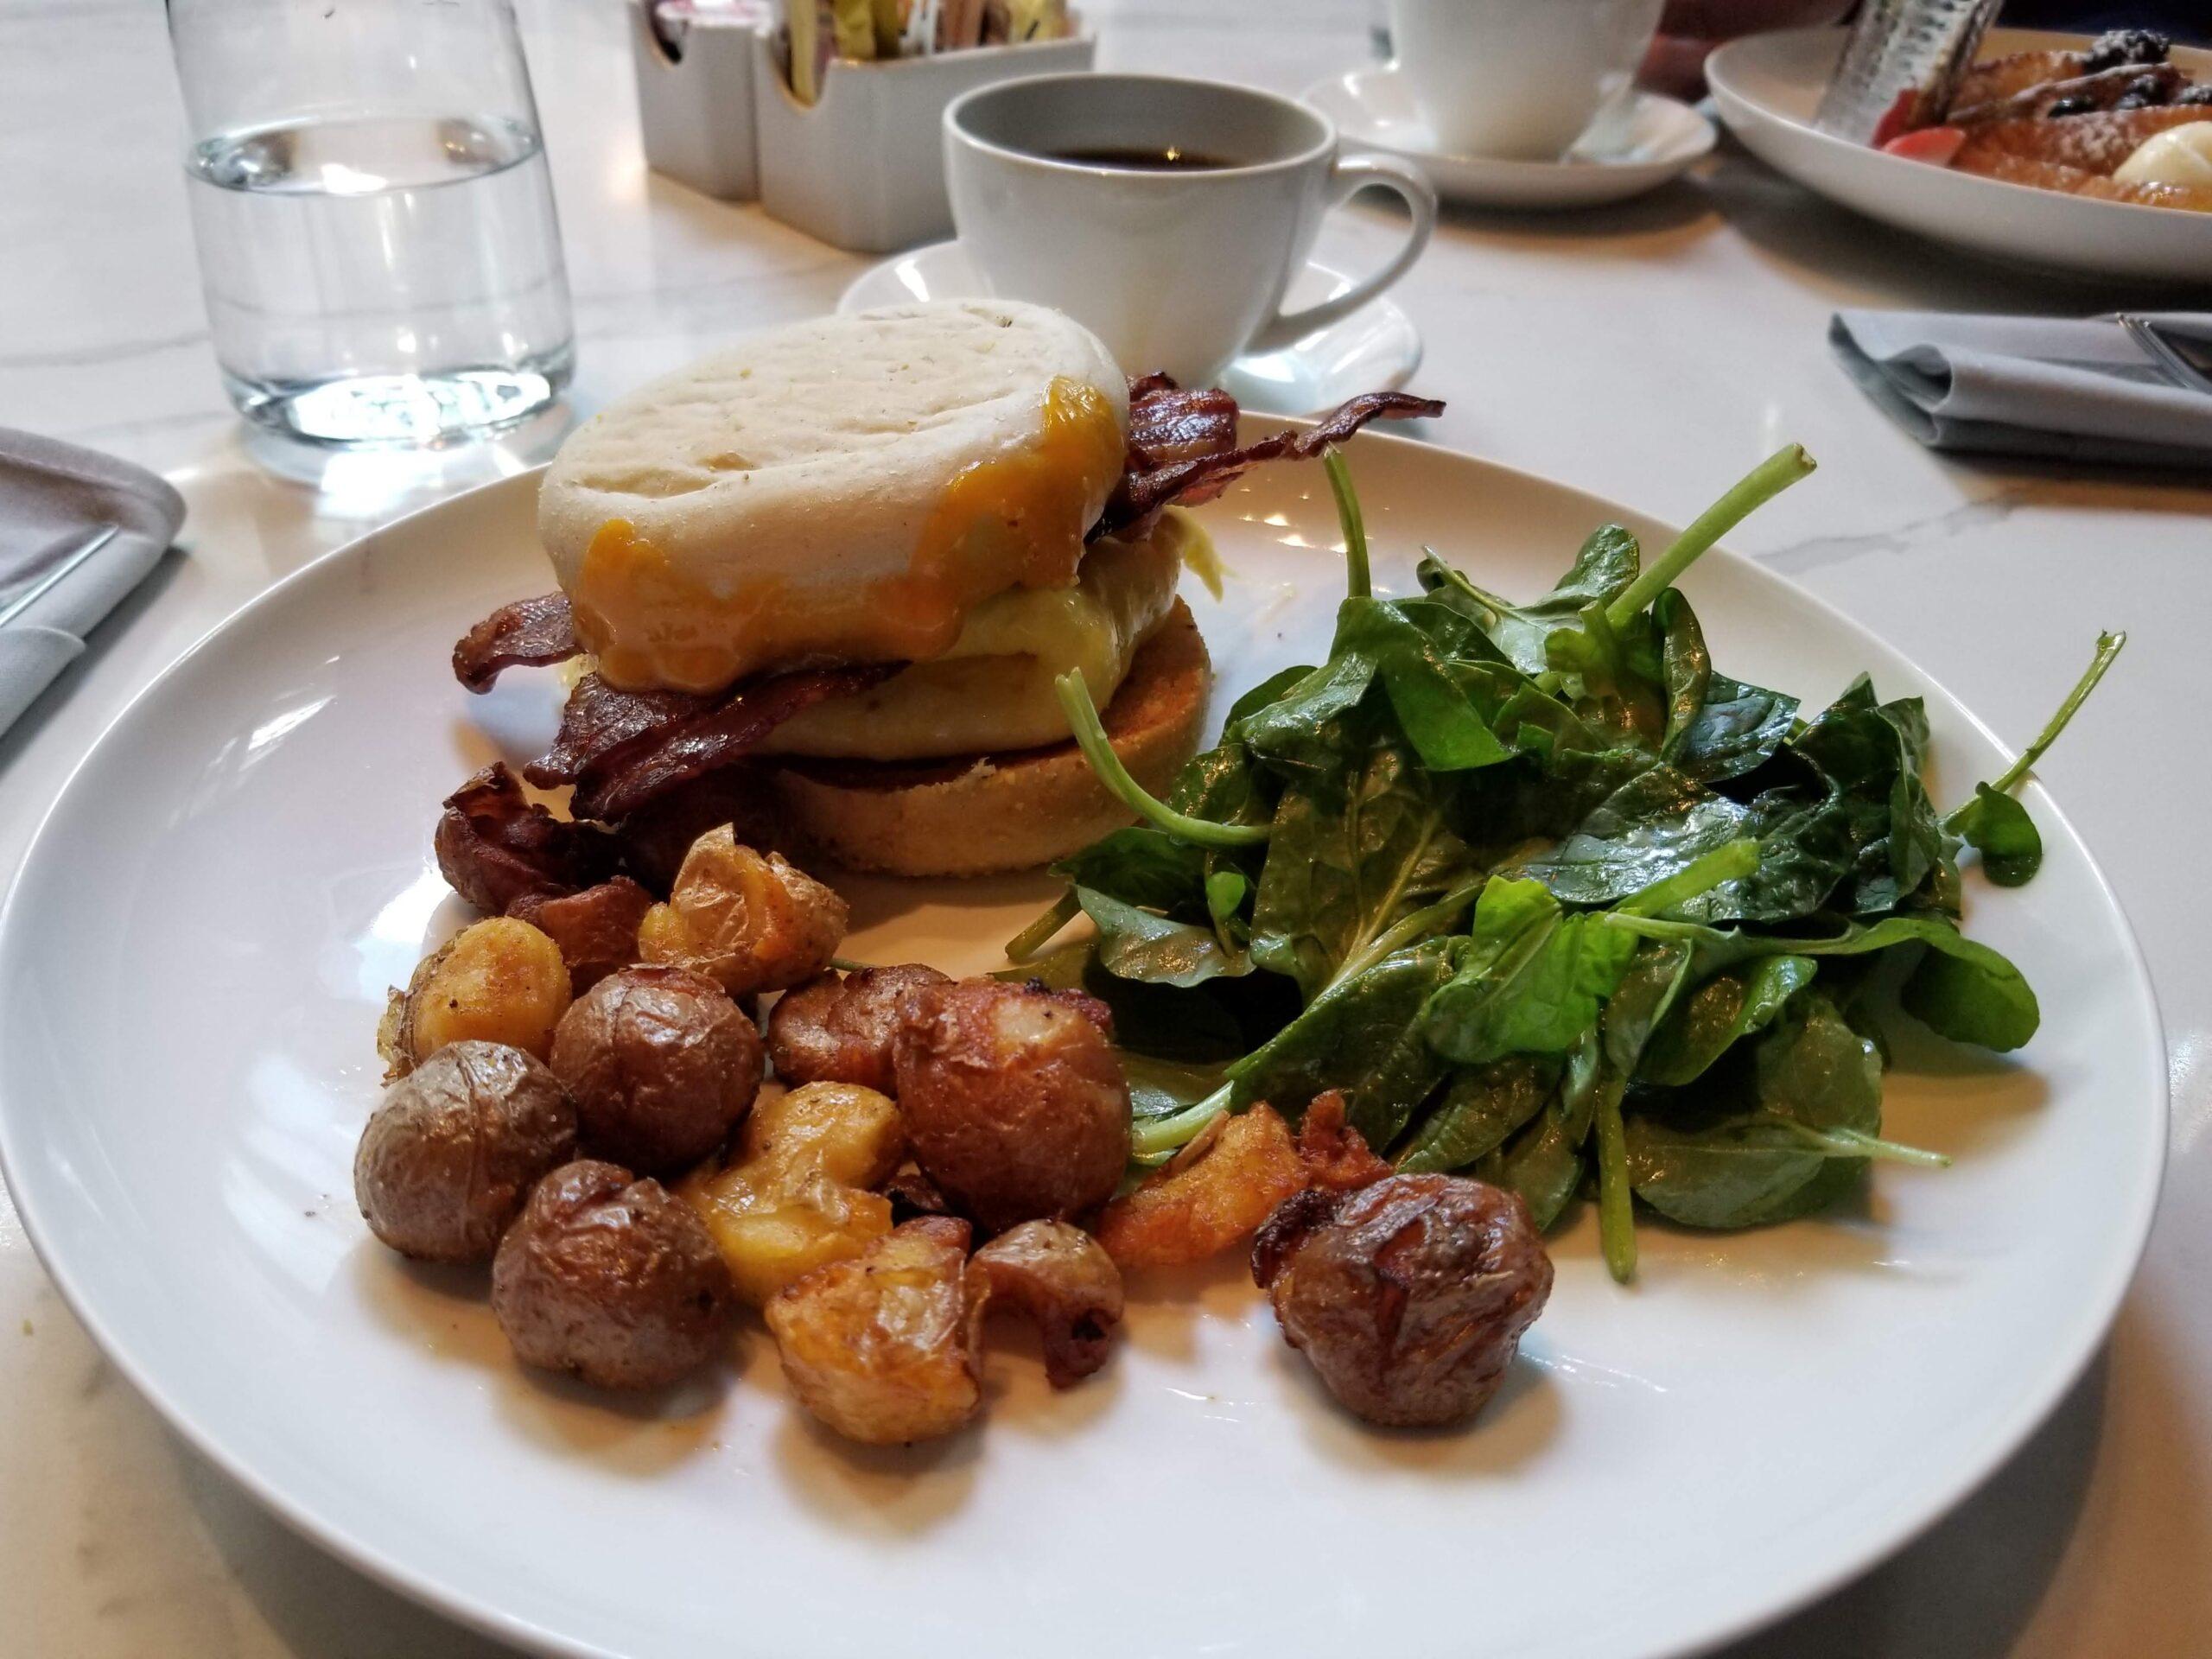 Breakfast at EMC2: Breakfast Sandwich